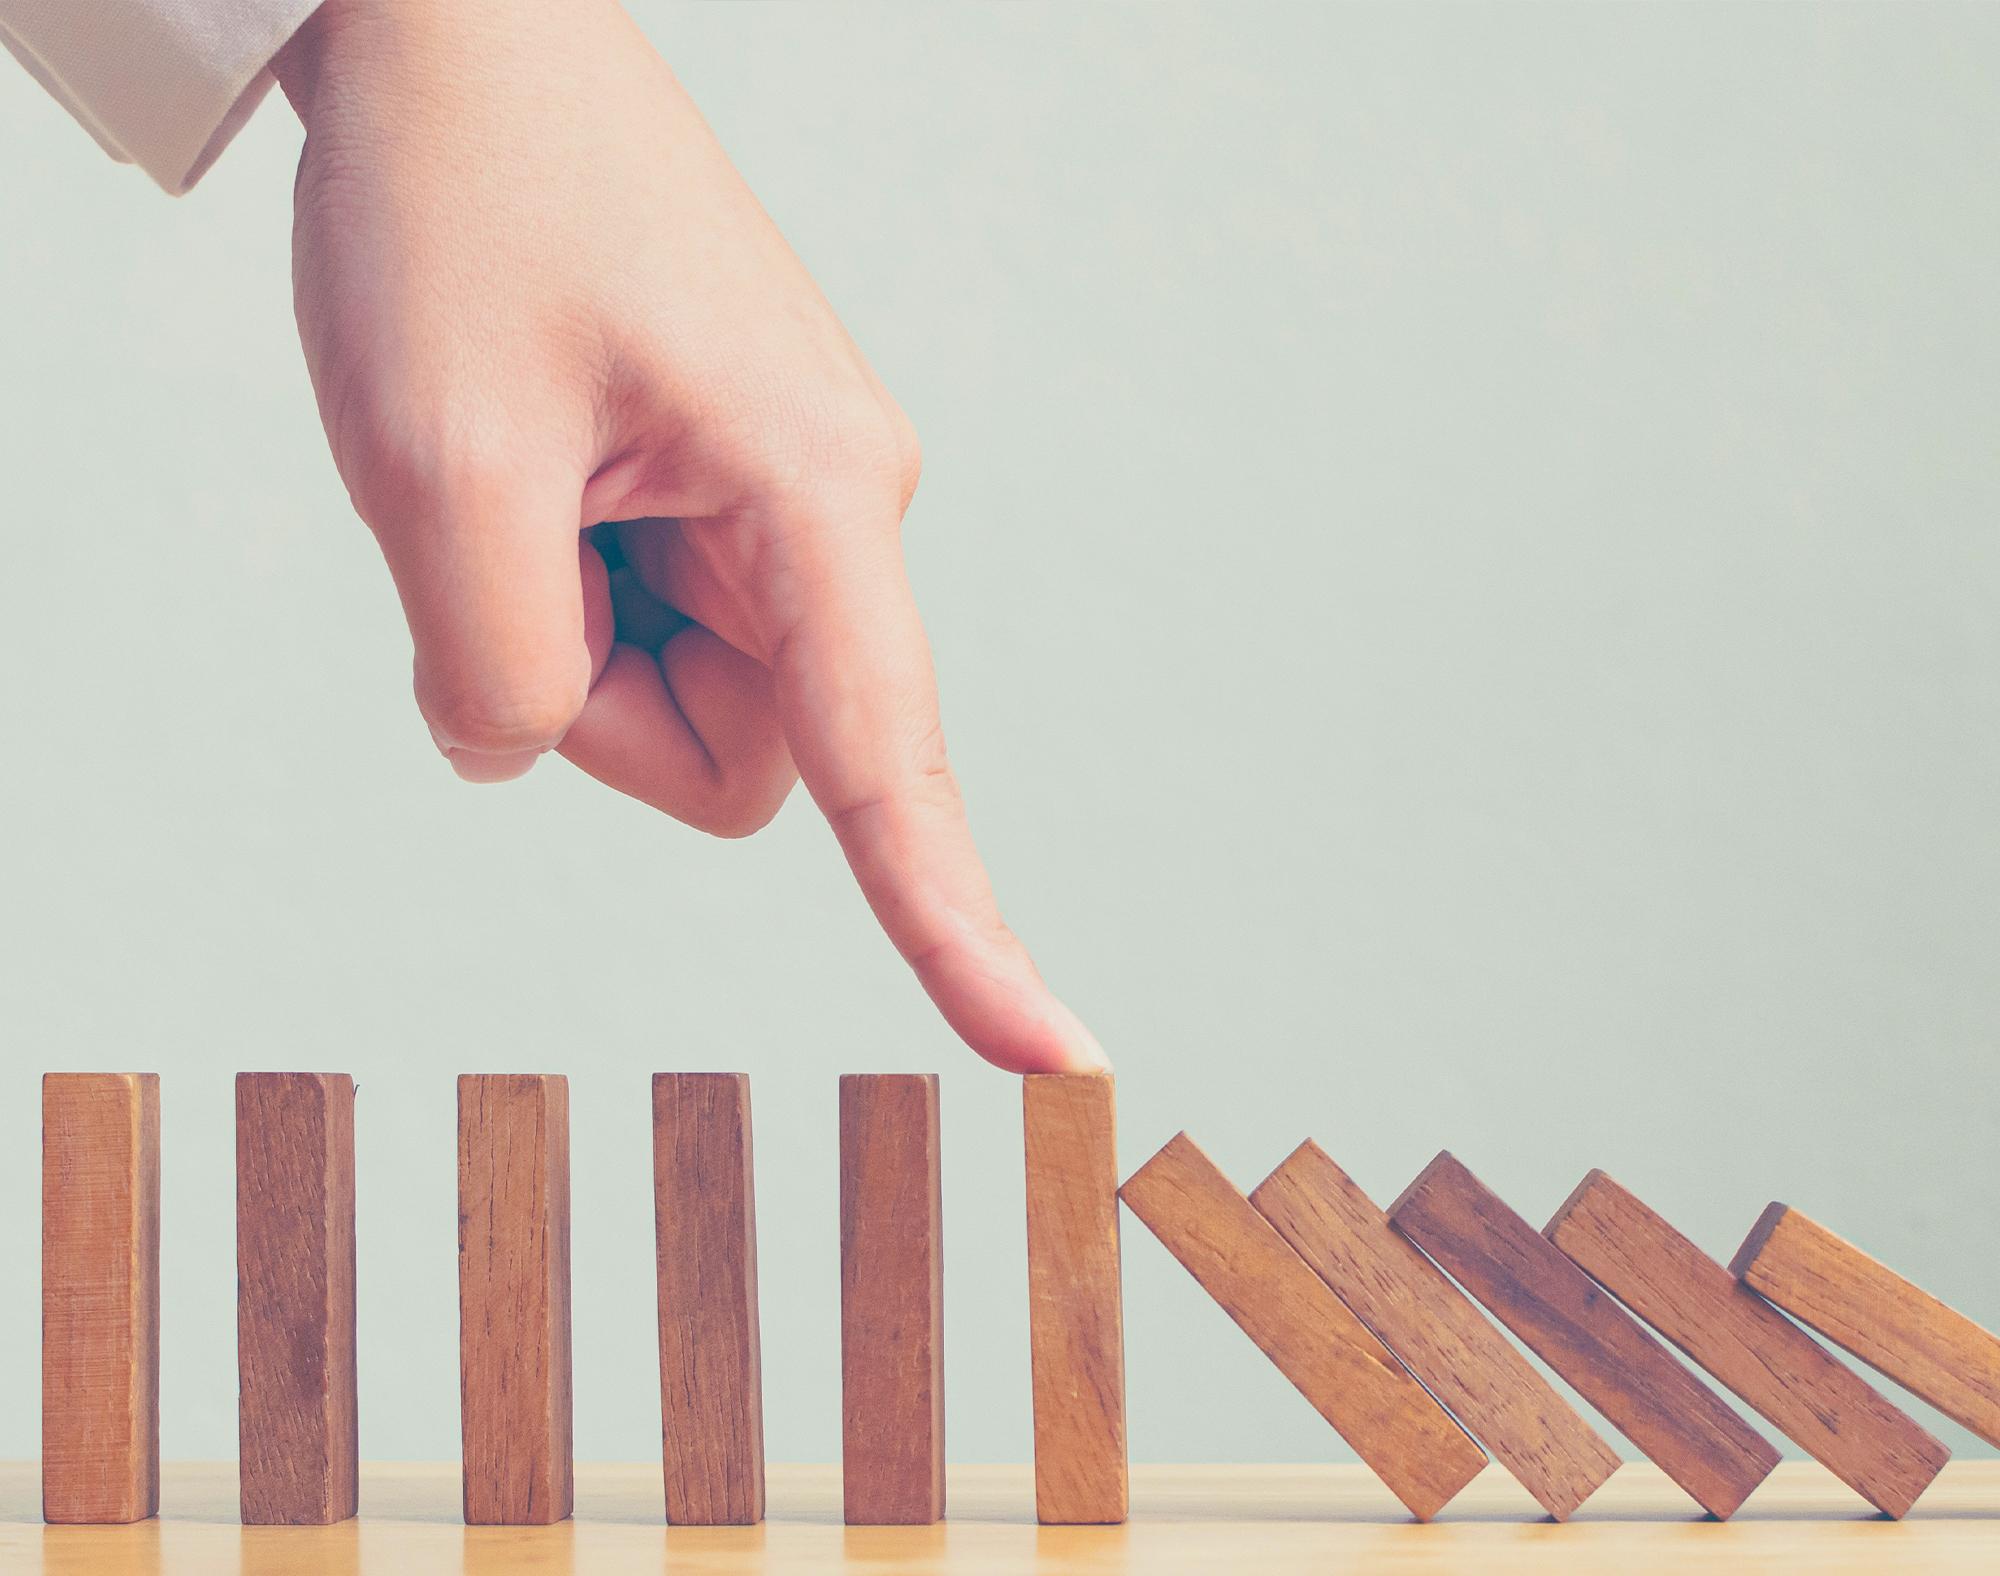 Gestão de risco na Engenharia: o que é e qual sua importância?